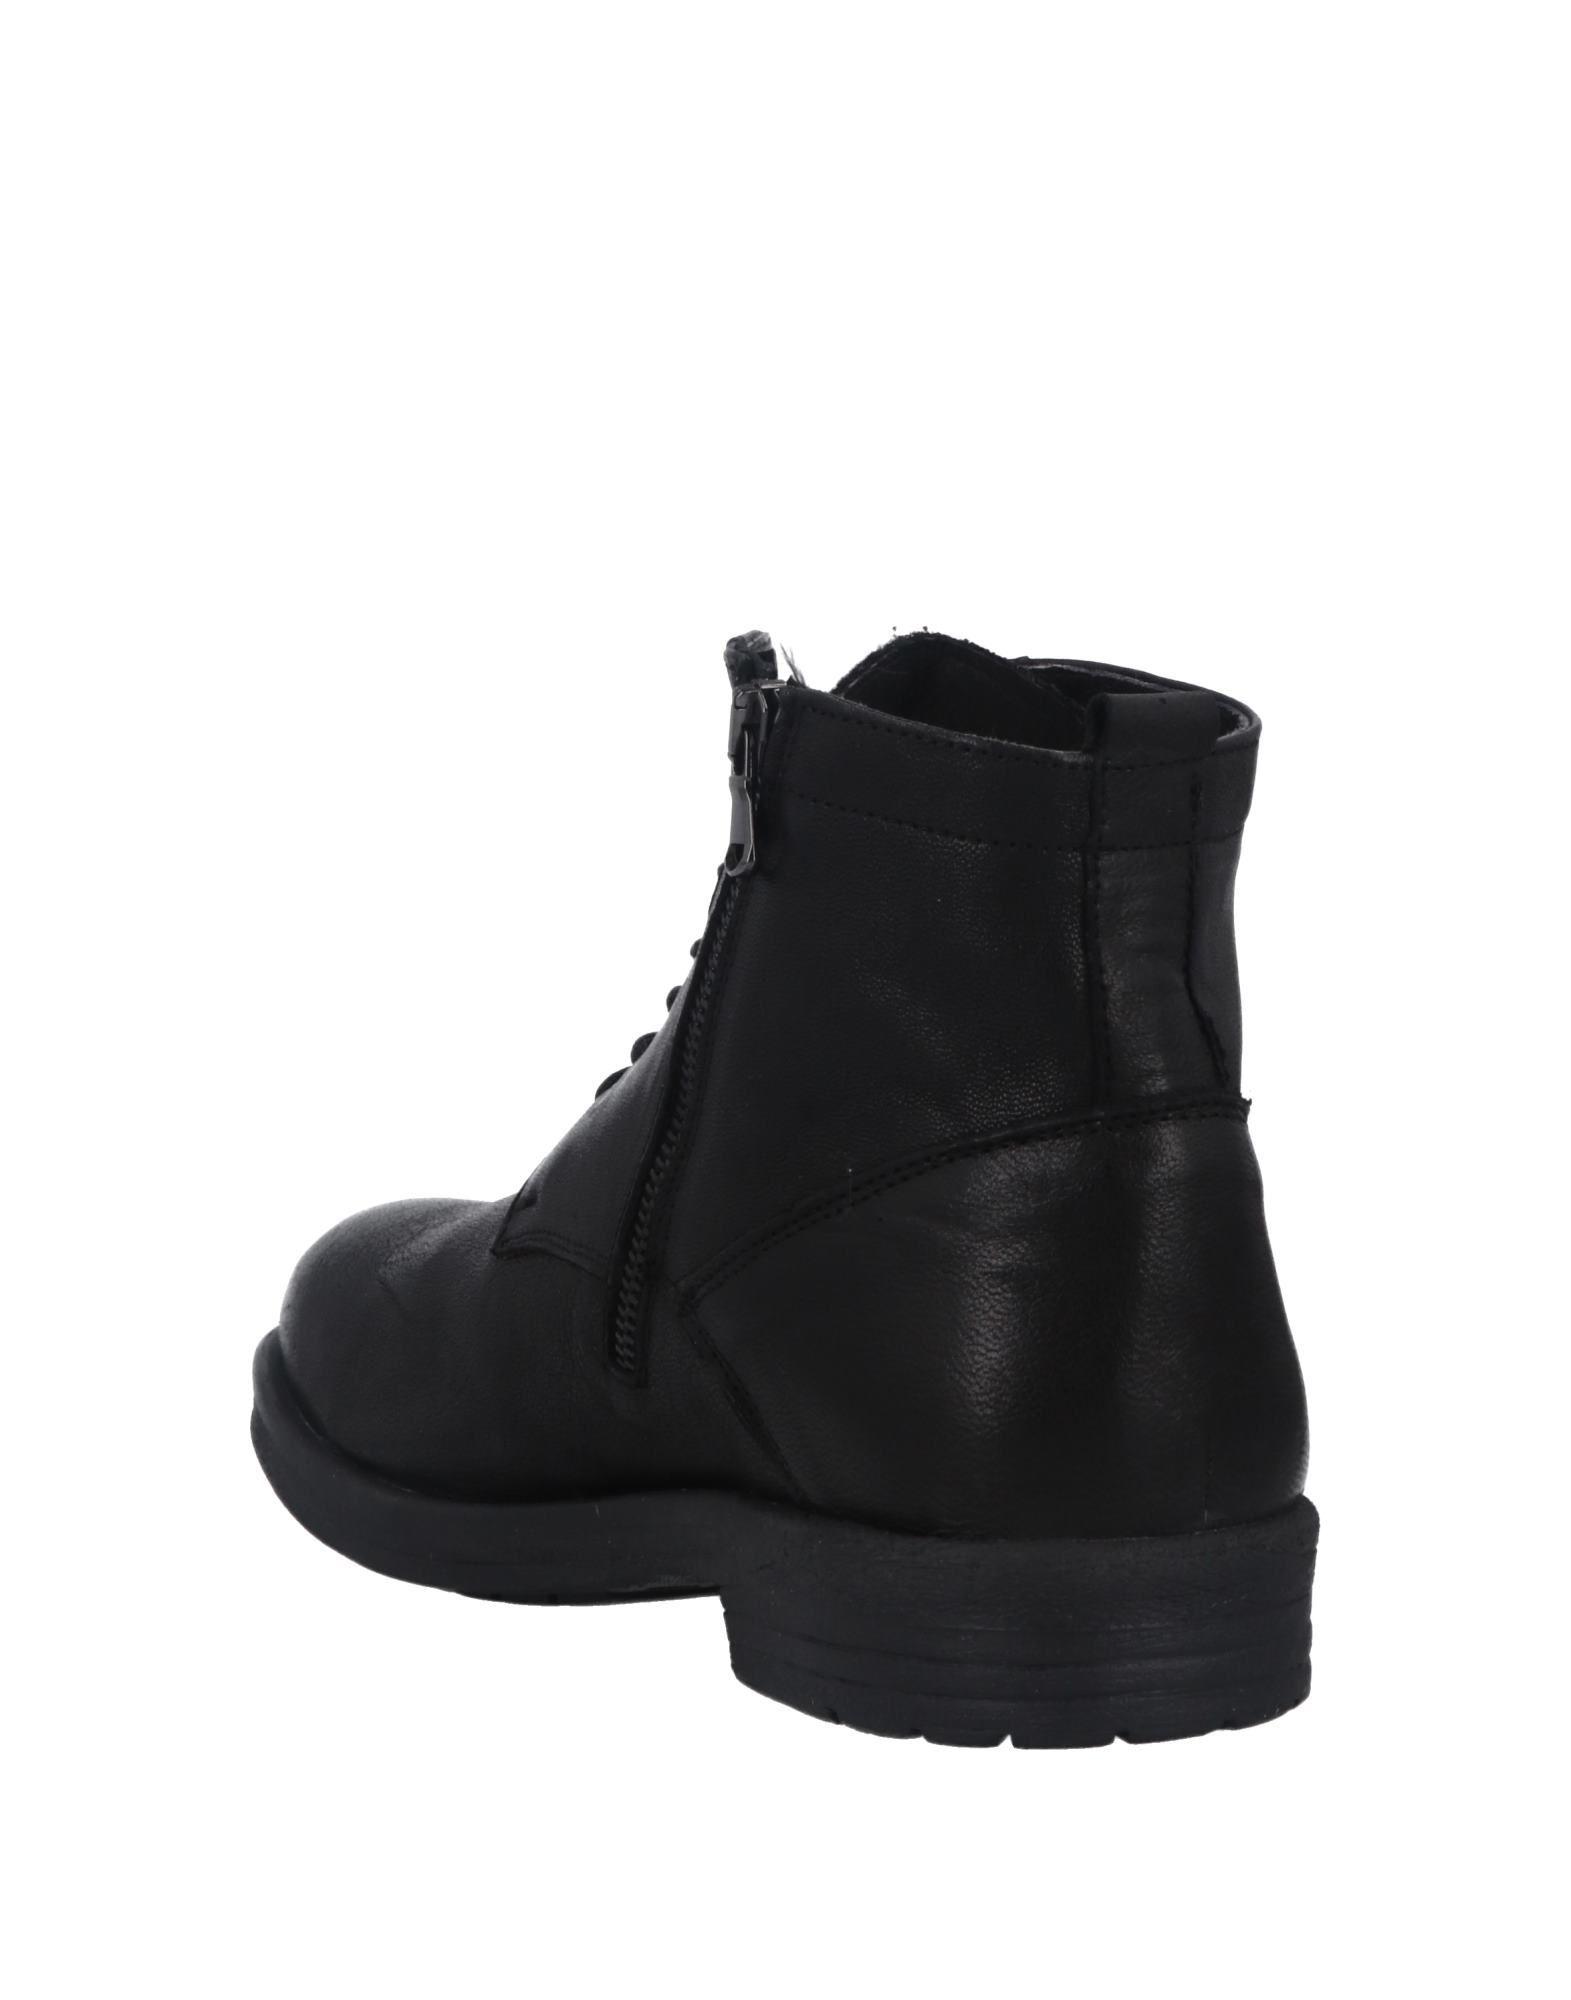 Cafènoir Man Ankle boots Black Leather